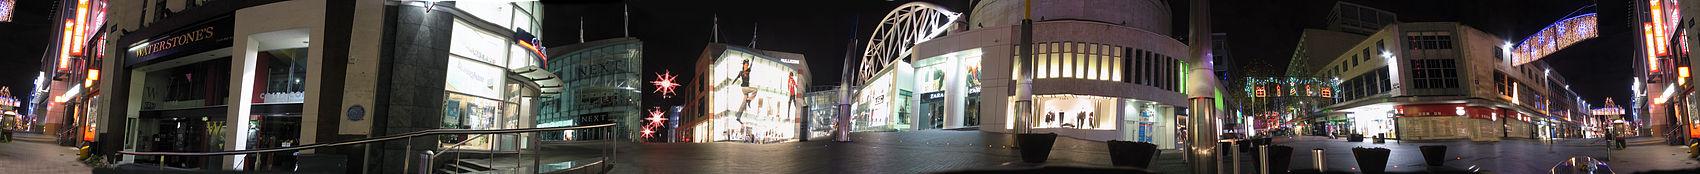 Bull Ring, Birmingham - Wikipedia